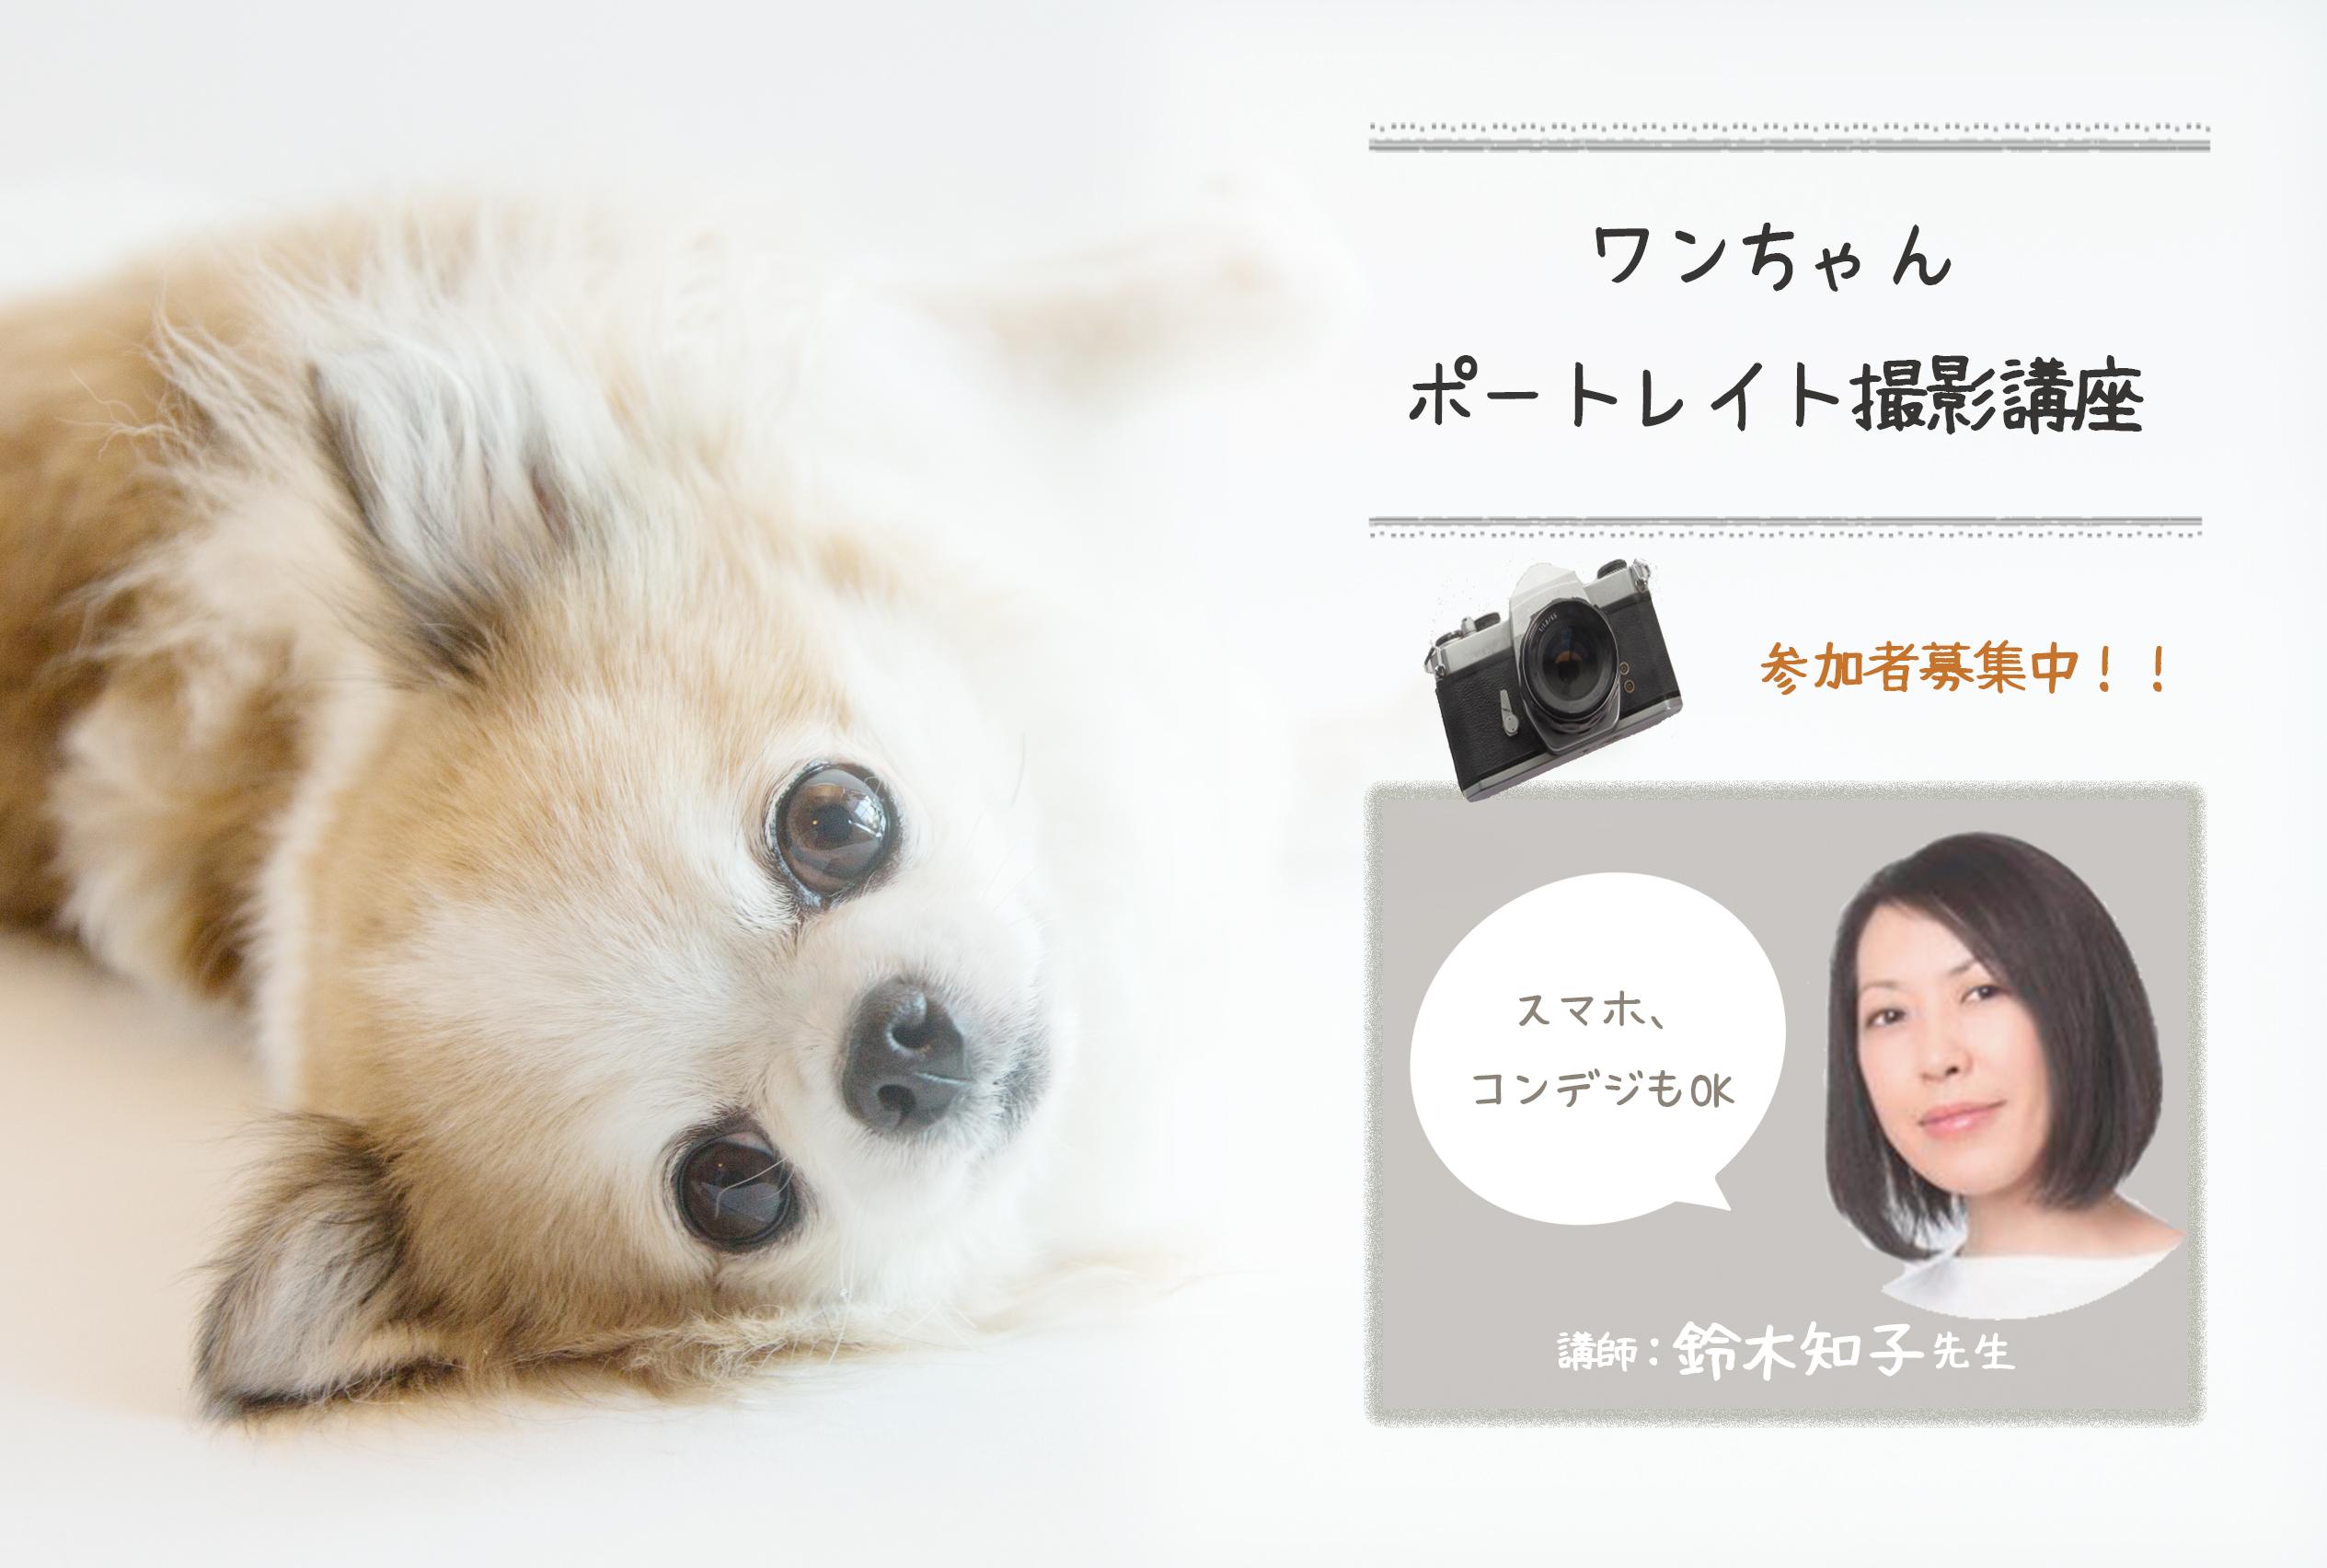 2月24日(土) スマホ・コンデジもOK!ワンちゃんポートレイト撮影講座